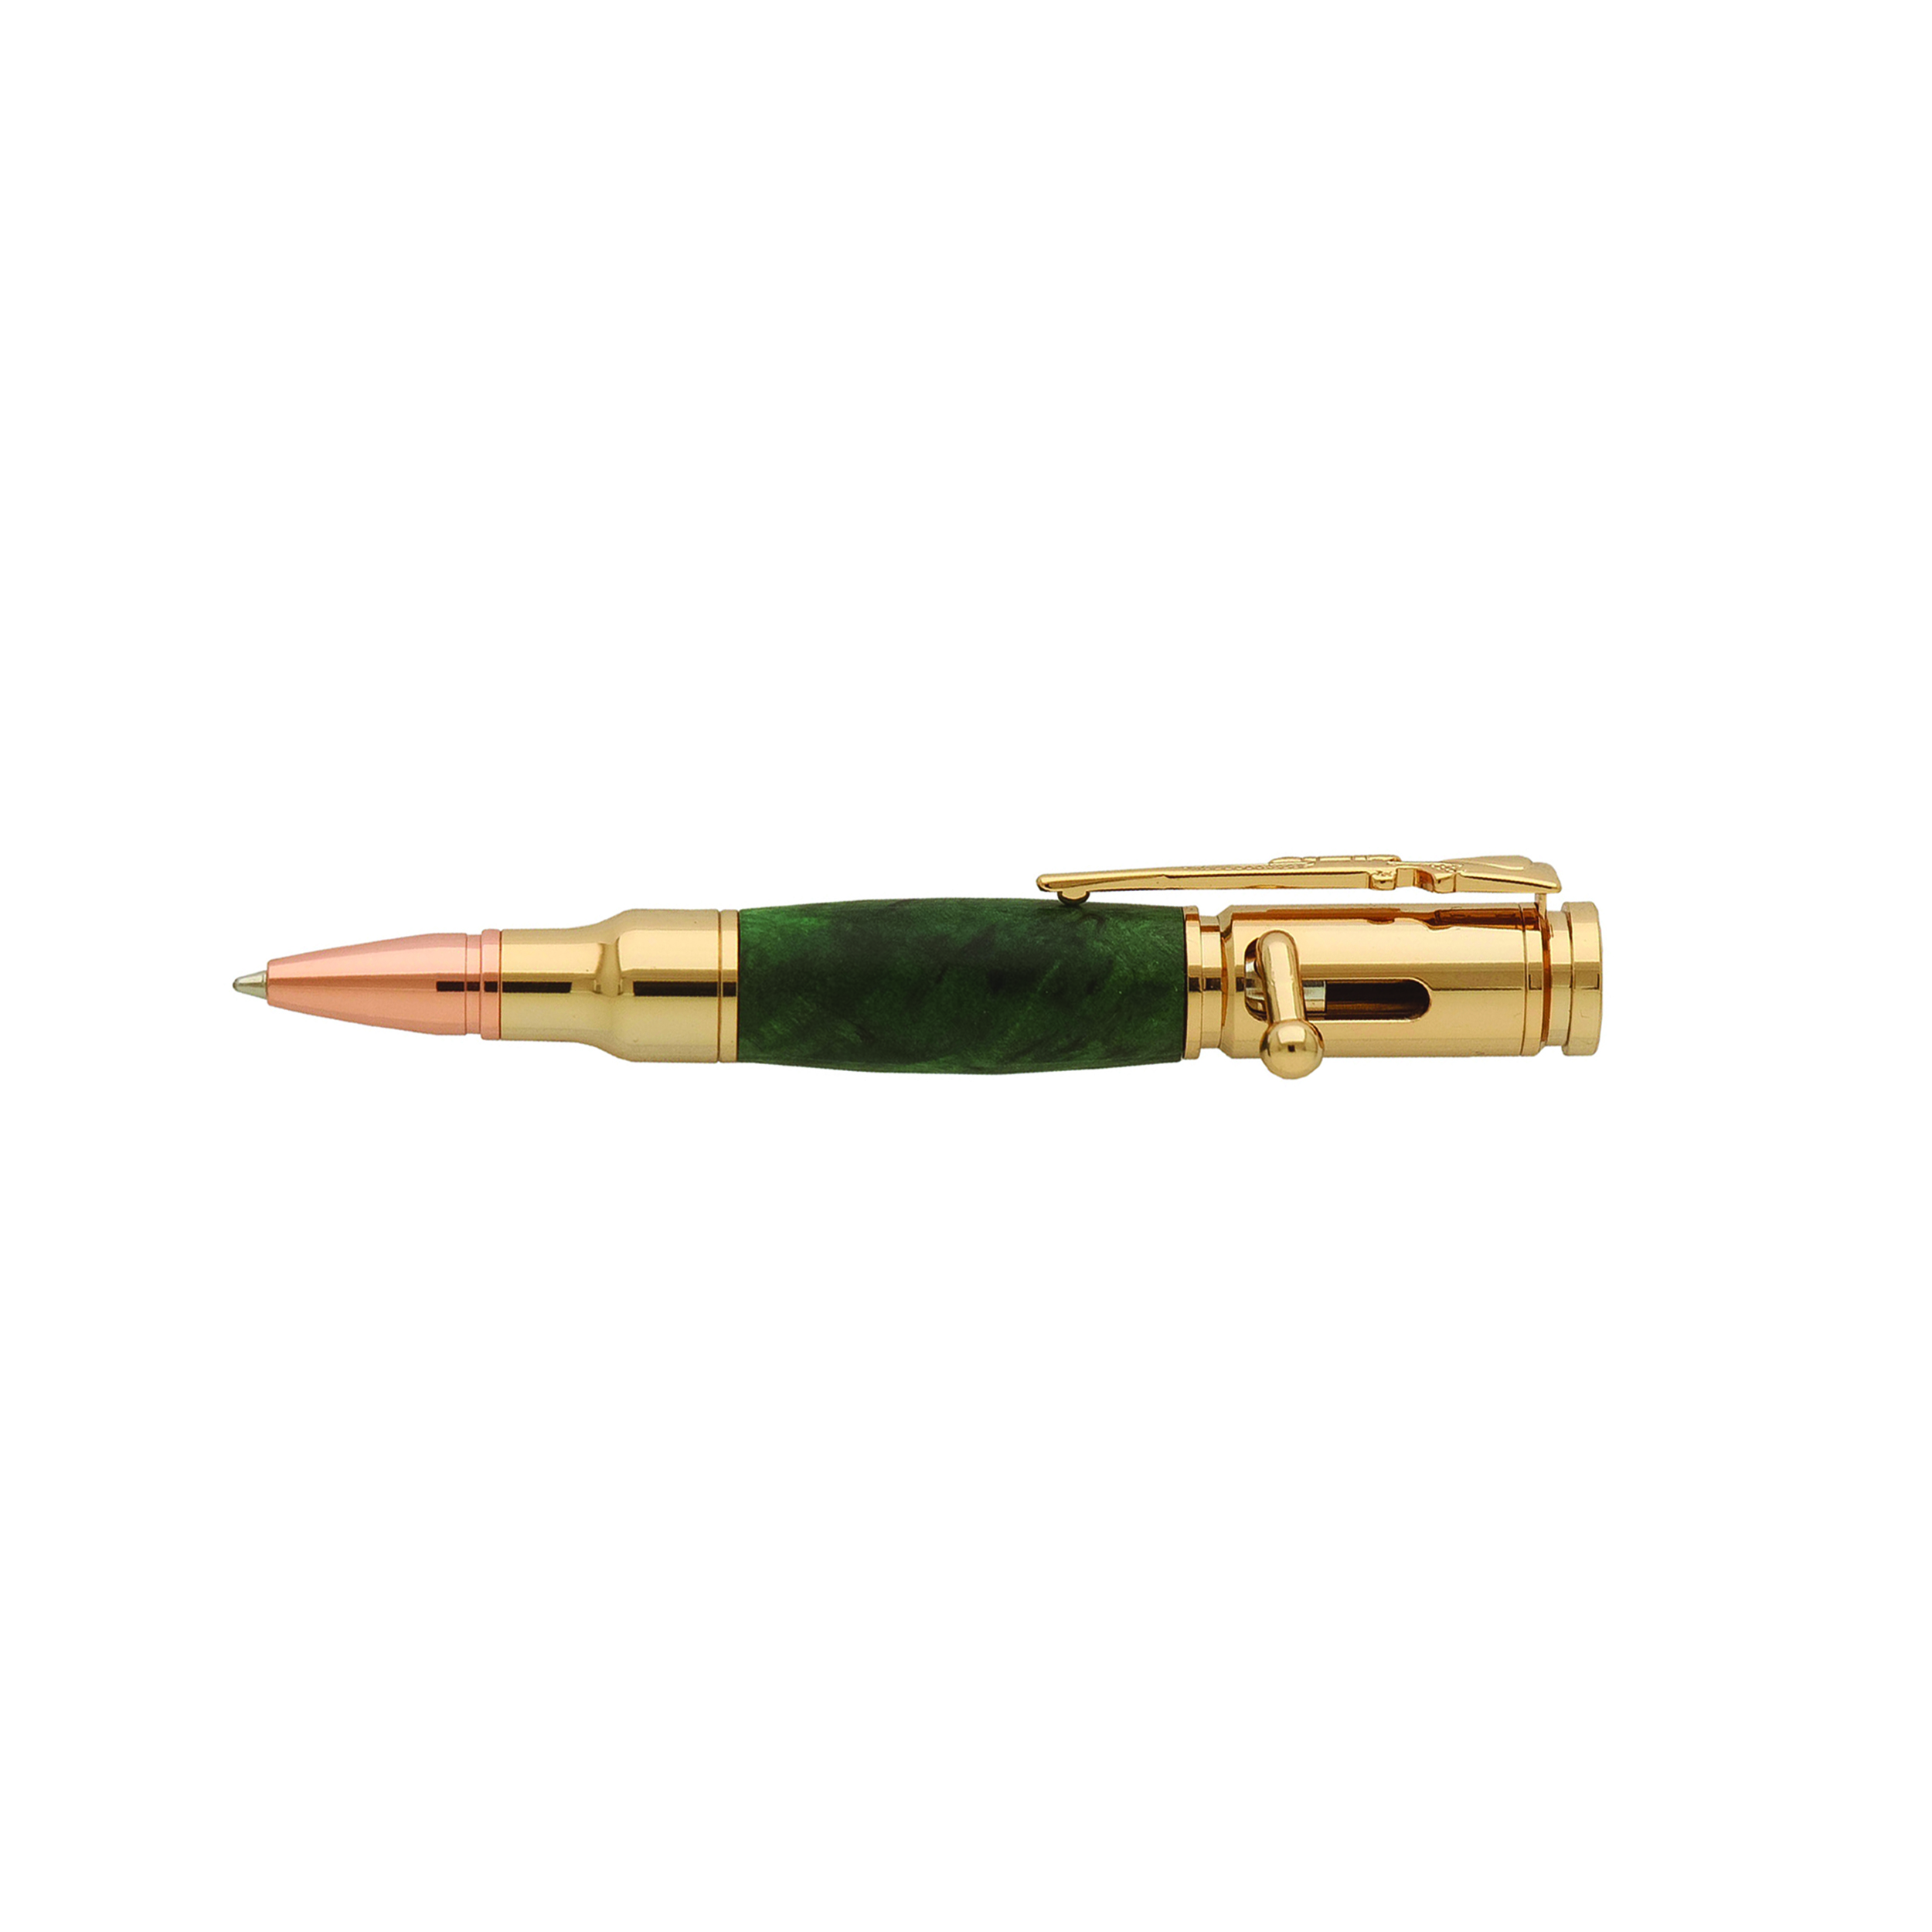 Mini Bolt Action 30 Caliber 24kt Gold Pen Kit PKCP8200